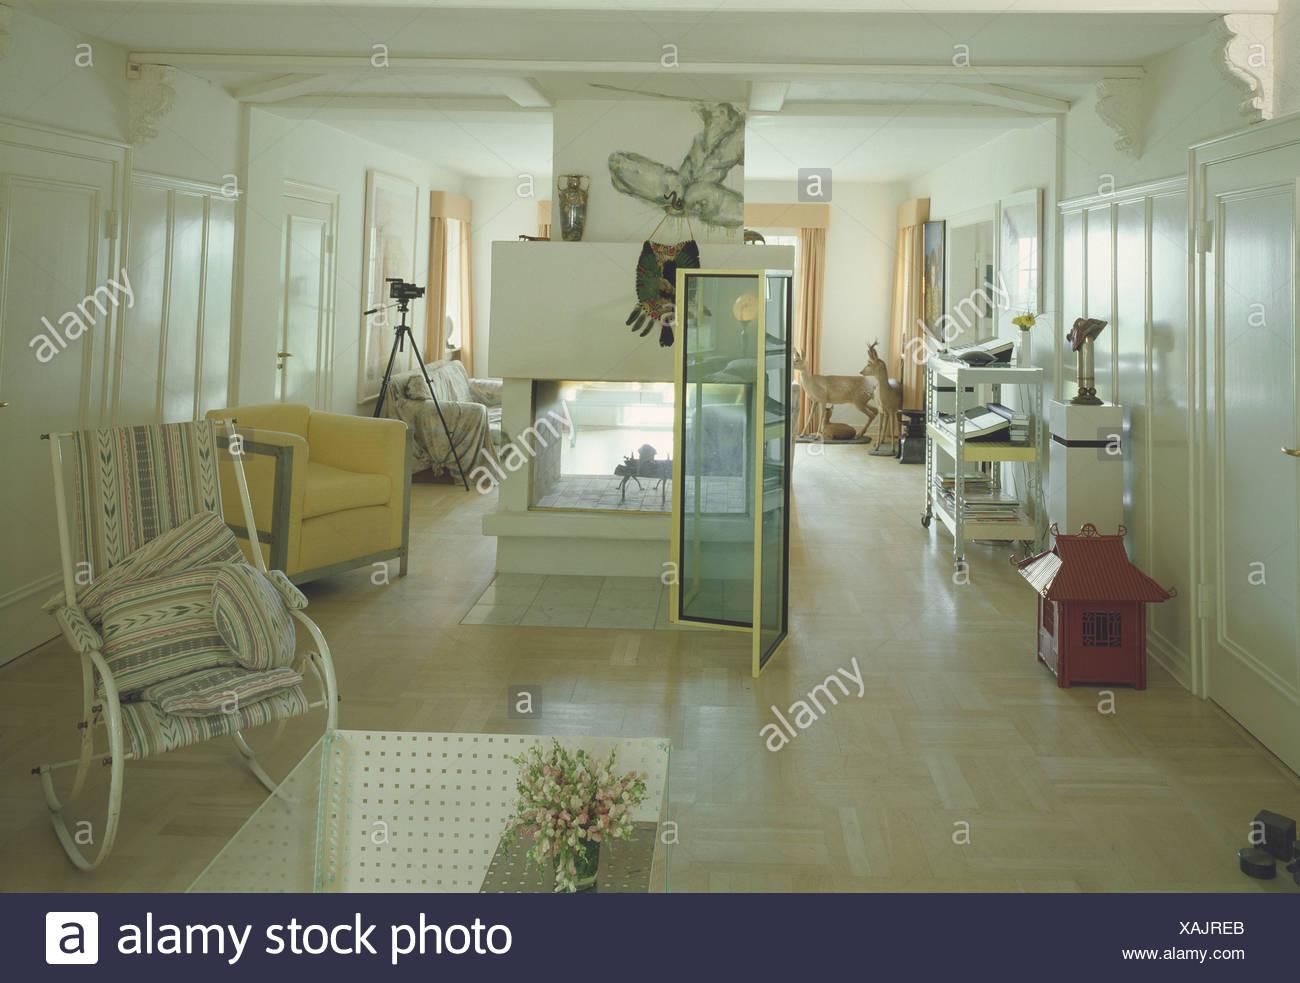 Luftige Wohnzimmer Bereich Blass Und Gedeckte Farbgebung, Kamin In Der Mitte  Und Nicht übereinstimmende Auflistung Von Objekten Einschließlich